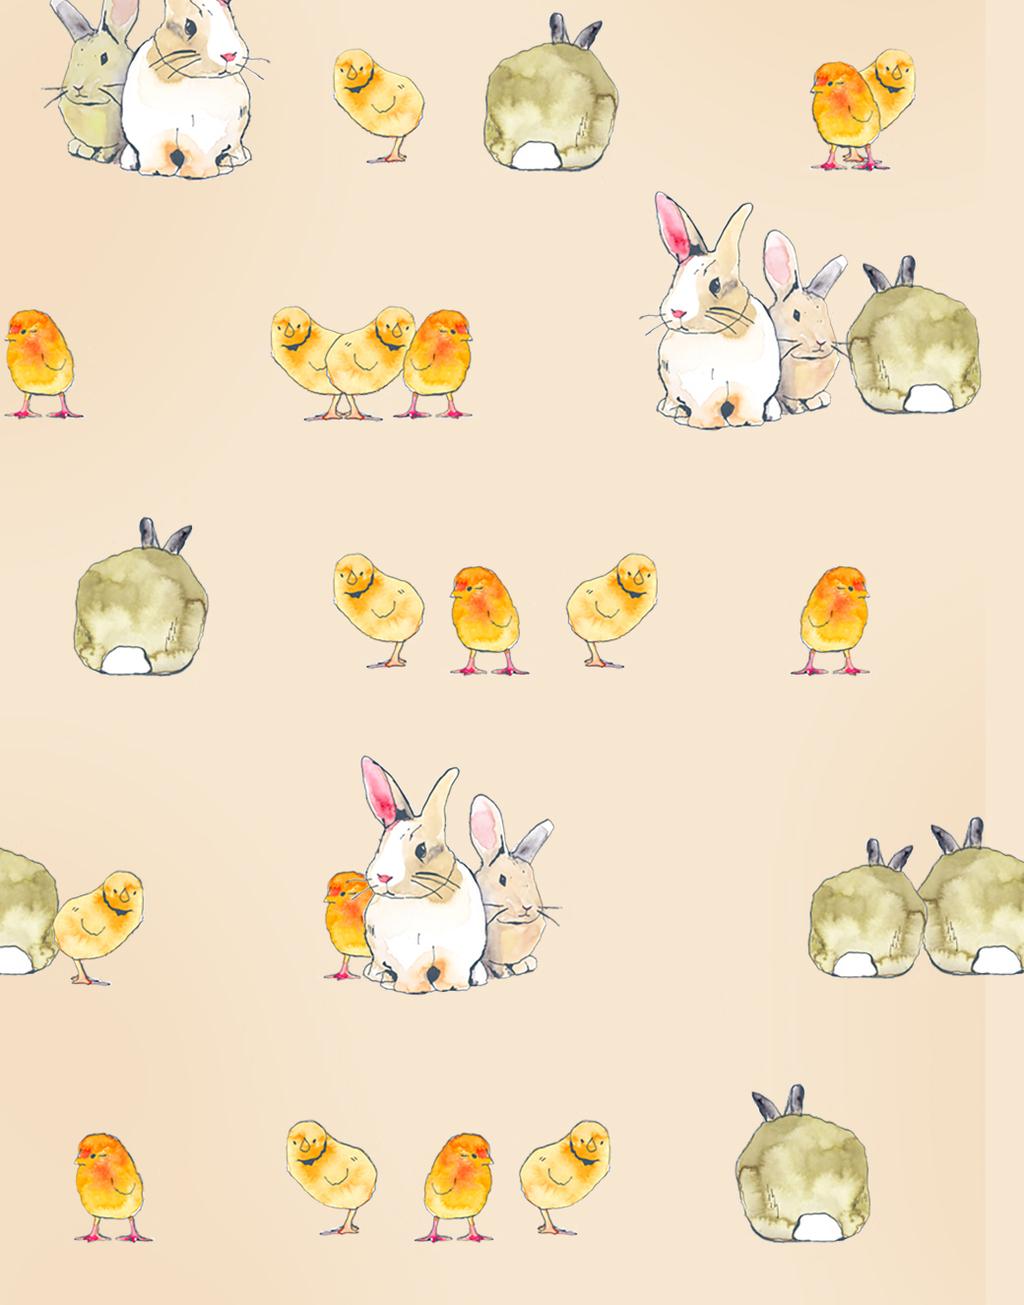 原创设计卡通动物背景图案素材是用户qq23f2c059在